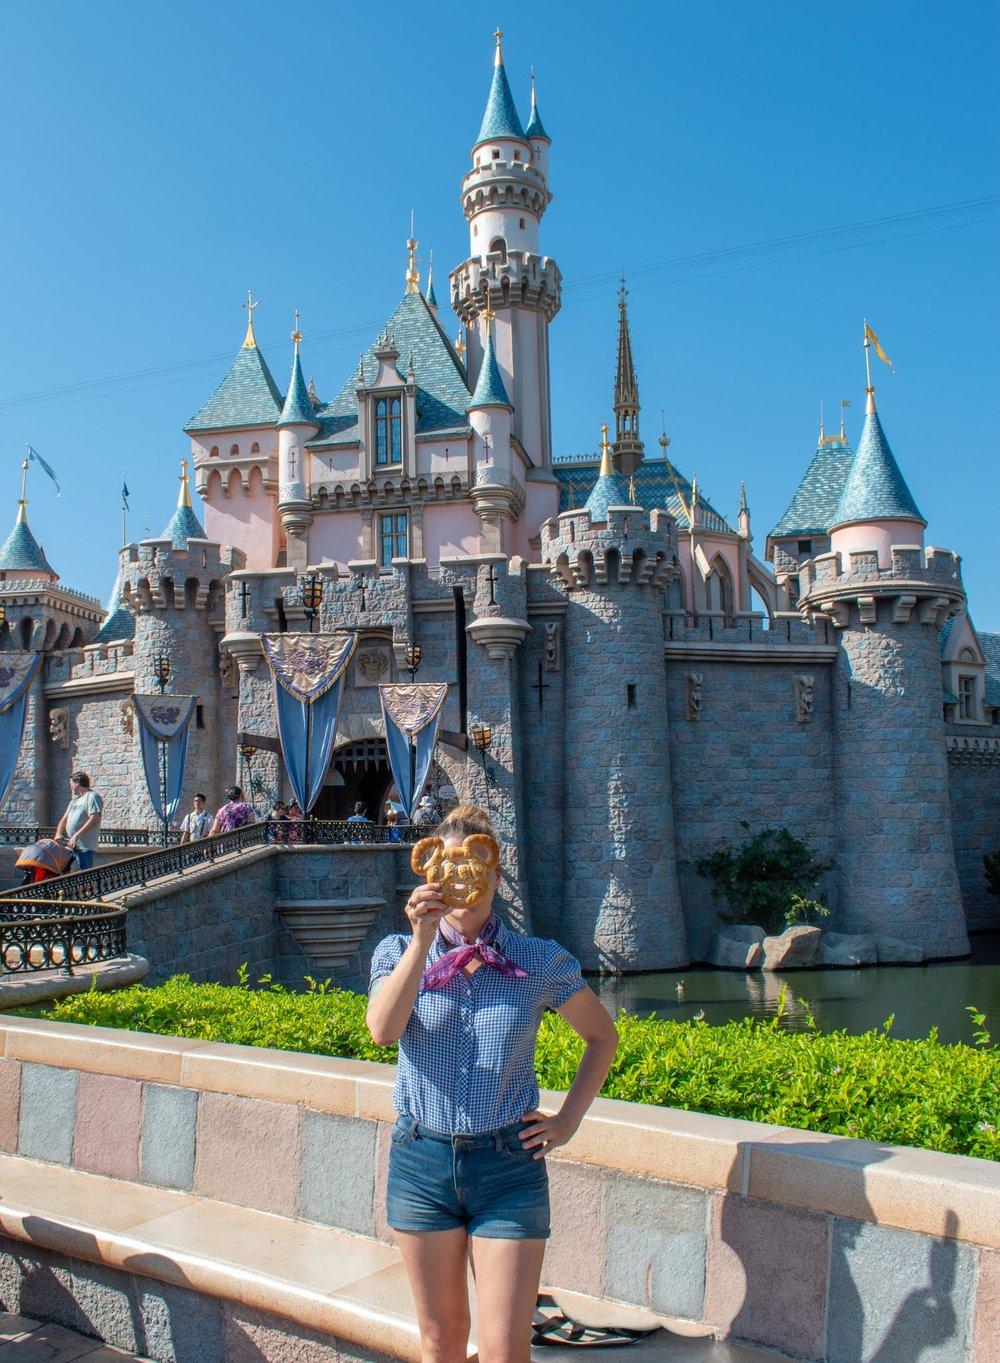 Uprooted-Traveler-Vegan-Disney-Land-11.jpg